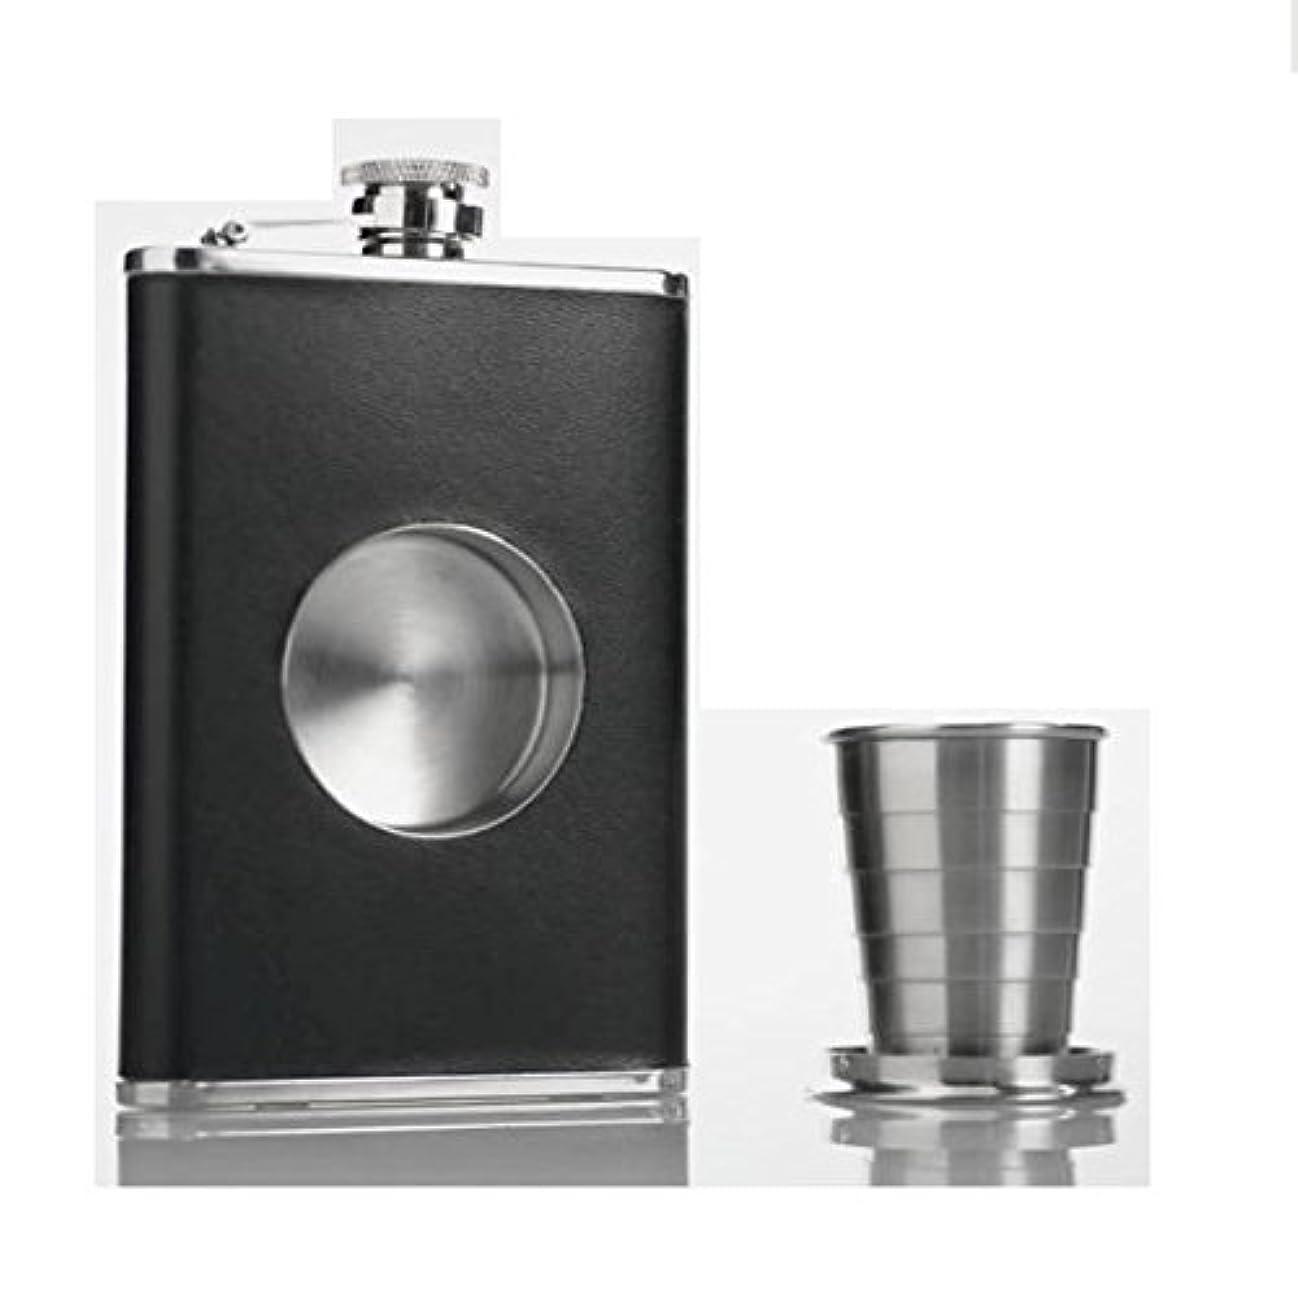 建物起きろマングルスキットル 8oz ウイスキー携帯ボトル ヒップフラスコセット インライン伸縮カップ